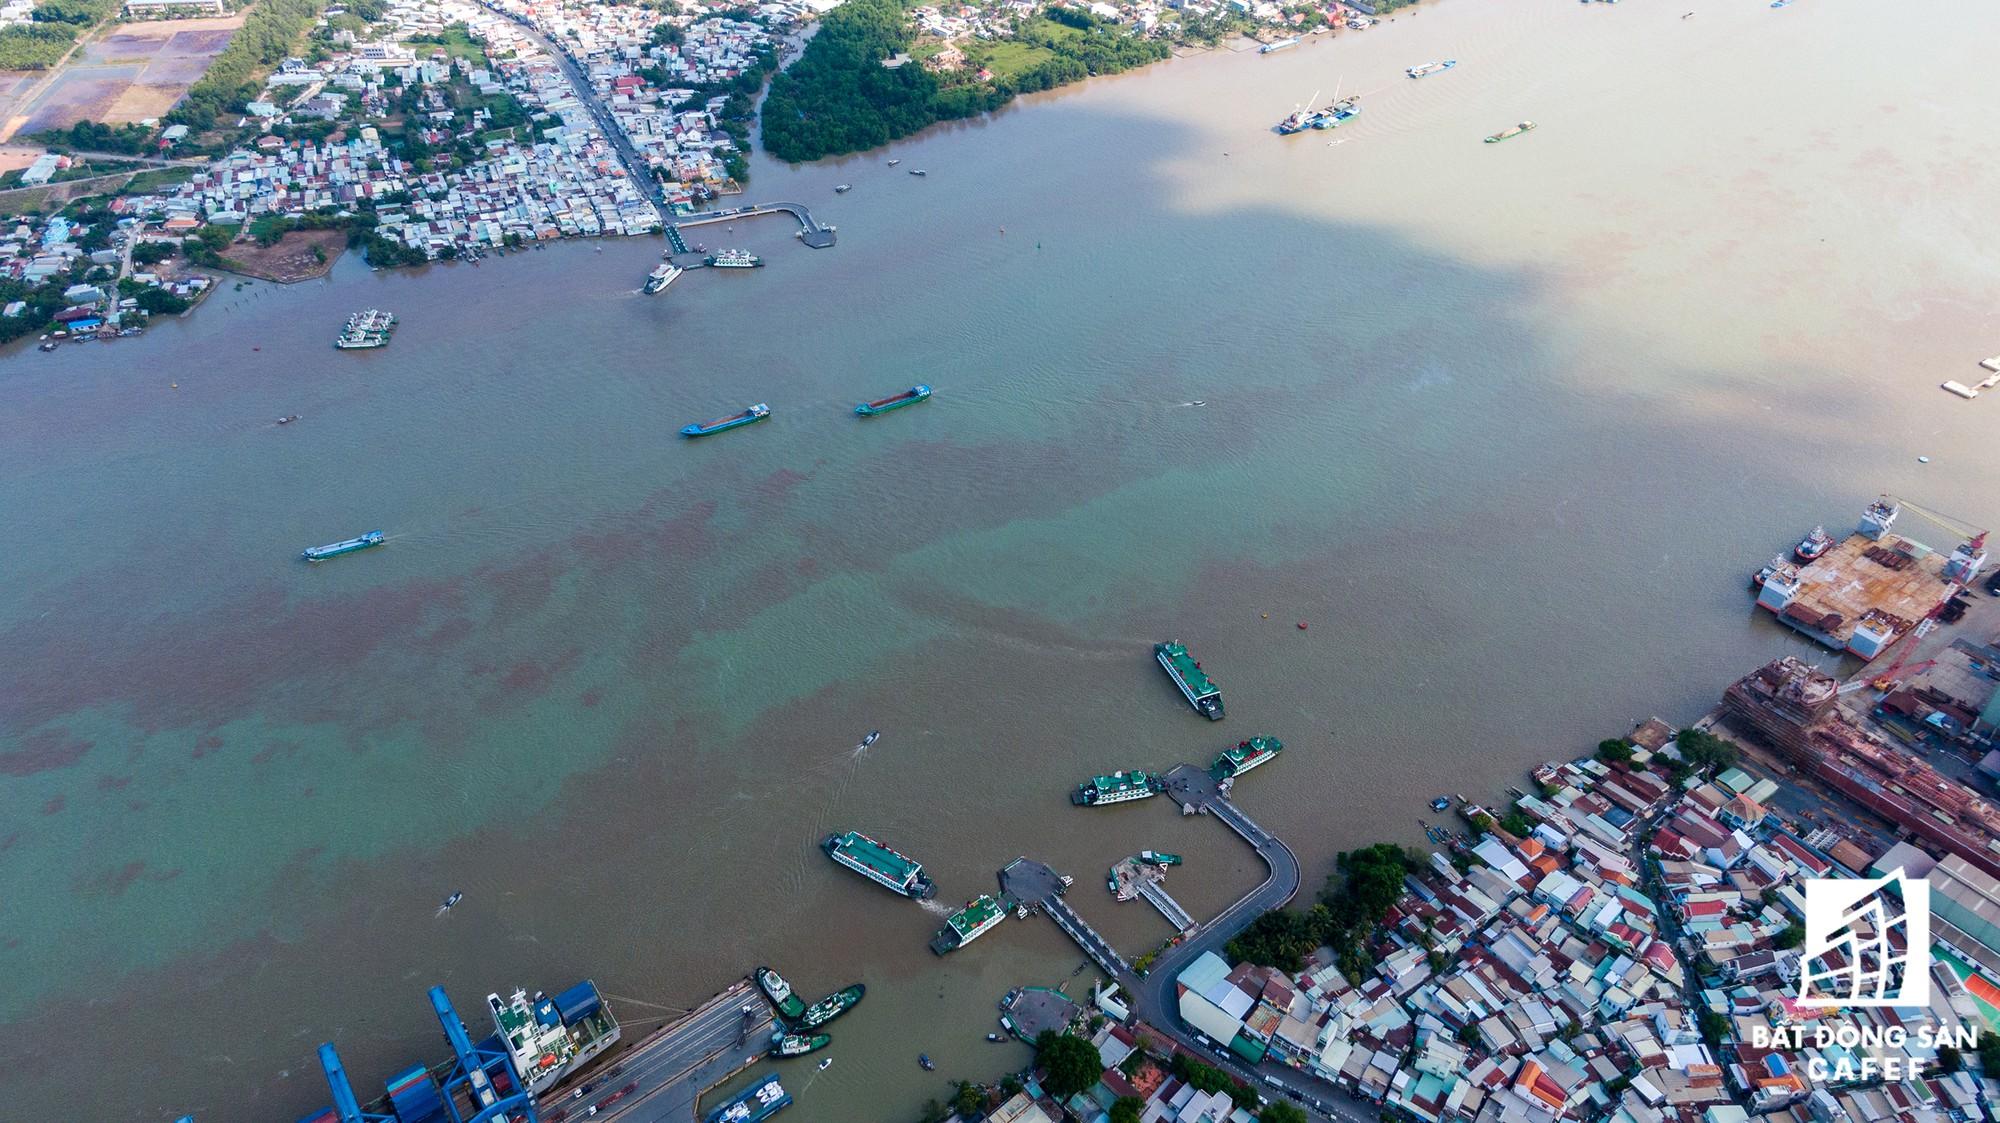 Đồng Nai chốt phương án xây cầu Cát Lái nối Nhơn Trạch và TP.HCM, bức tranh thị trường bất động sản thay đổi chóng mặt - Ảnh 8.